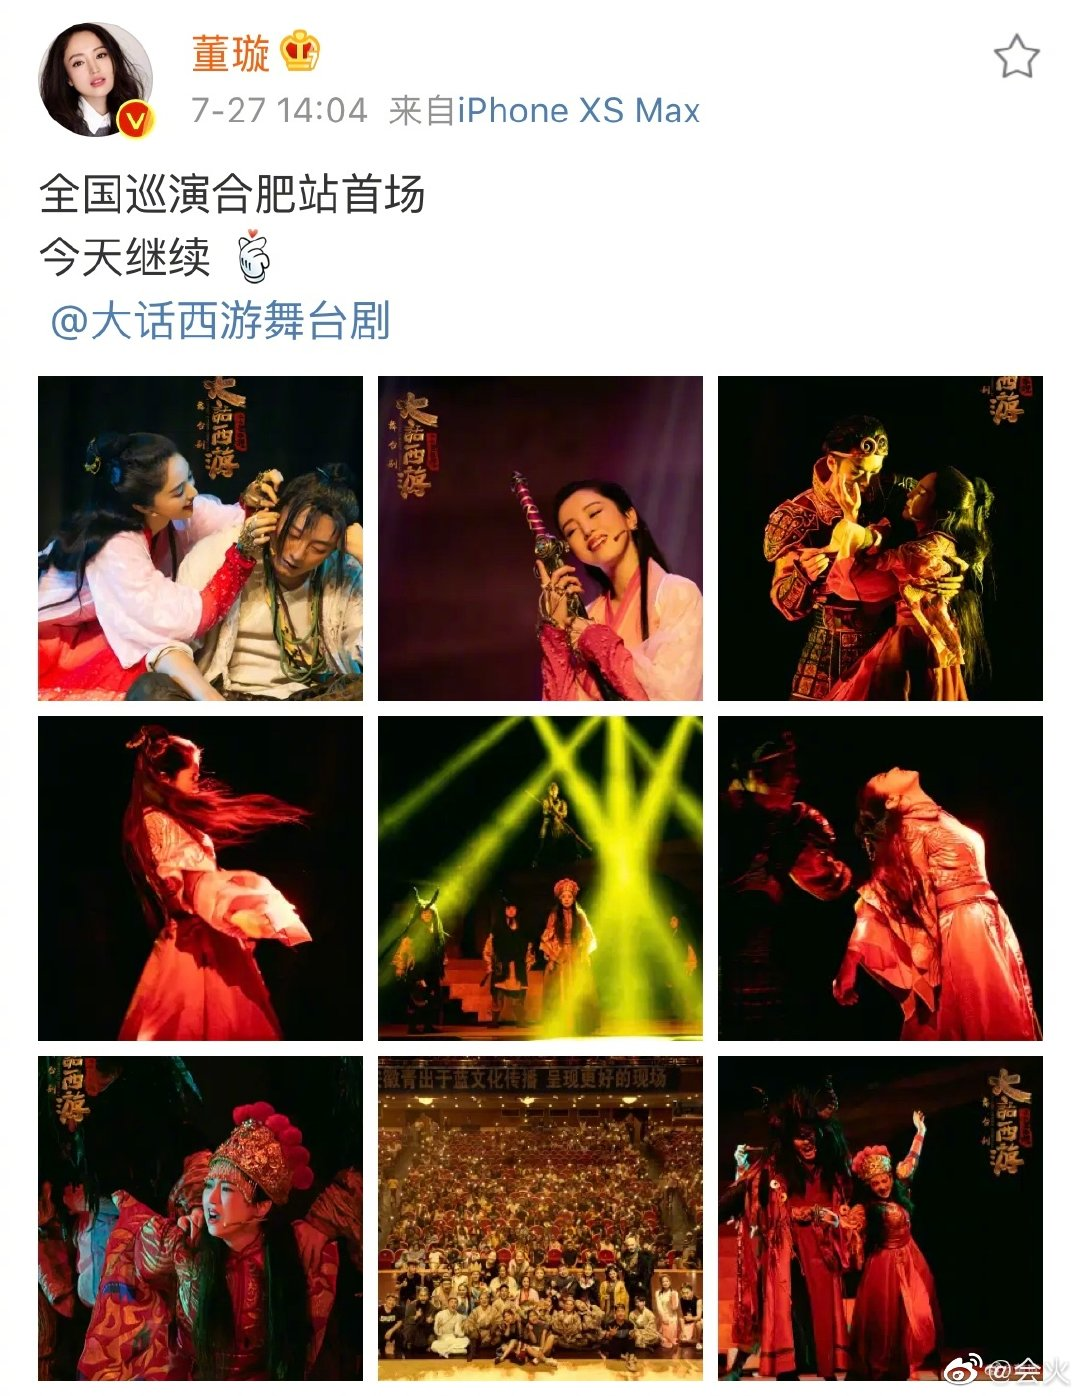 董璇离婚后首演舞台剧,红衣紫霞仙子倾国倾城